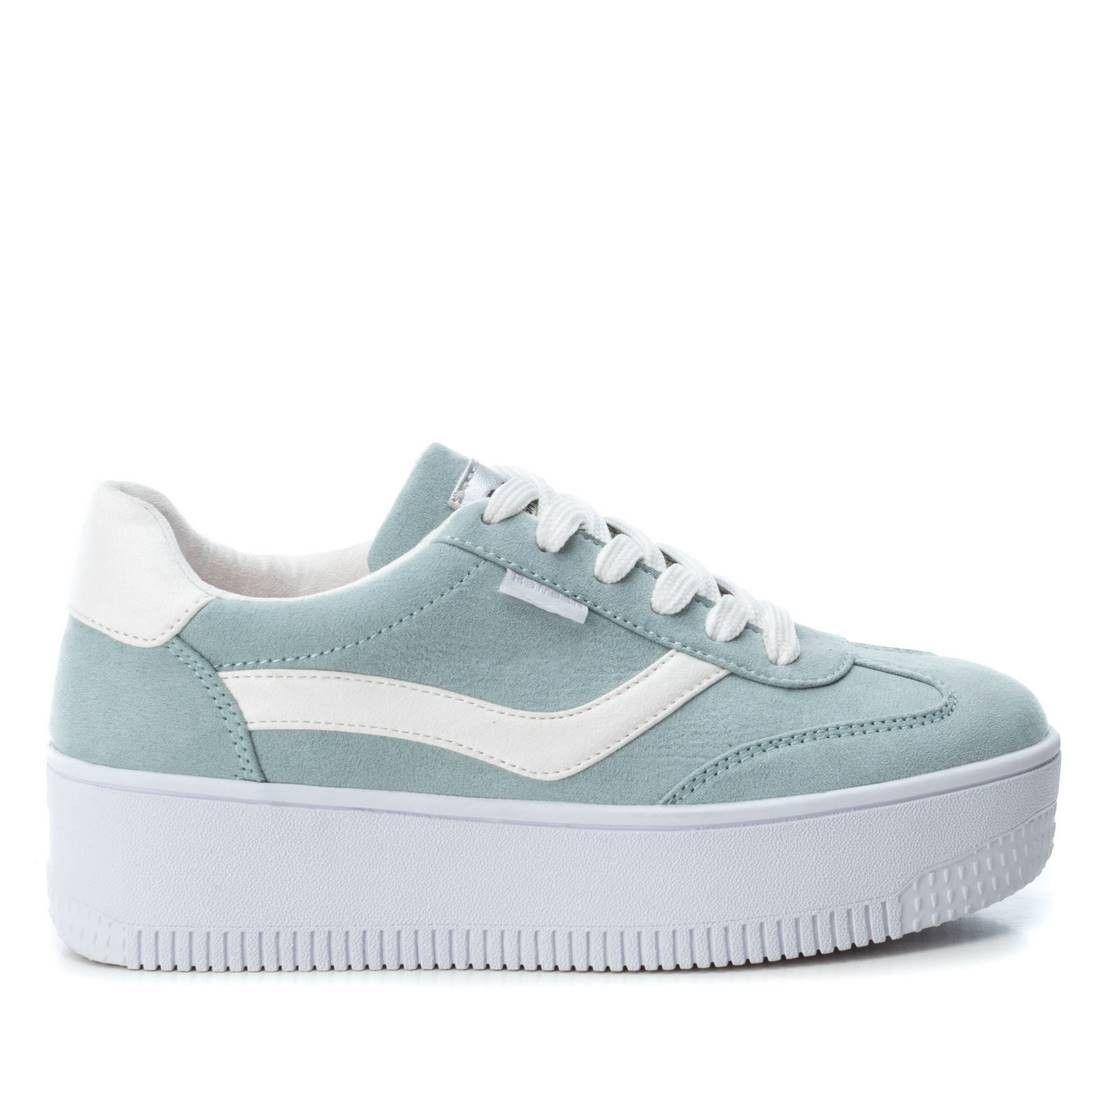 zapatos vans mujer plataforma